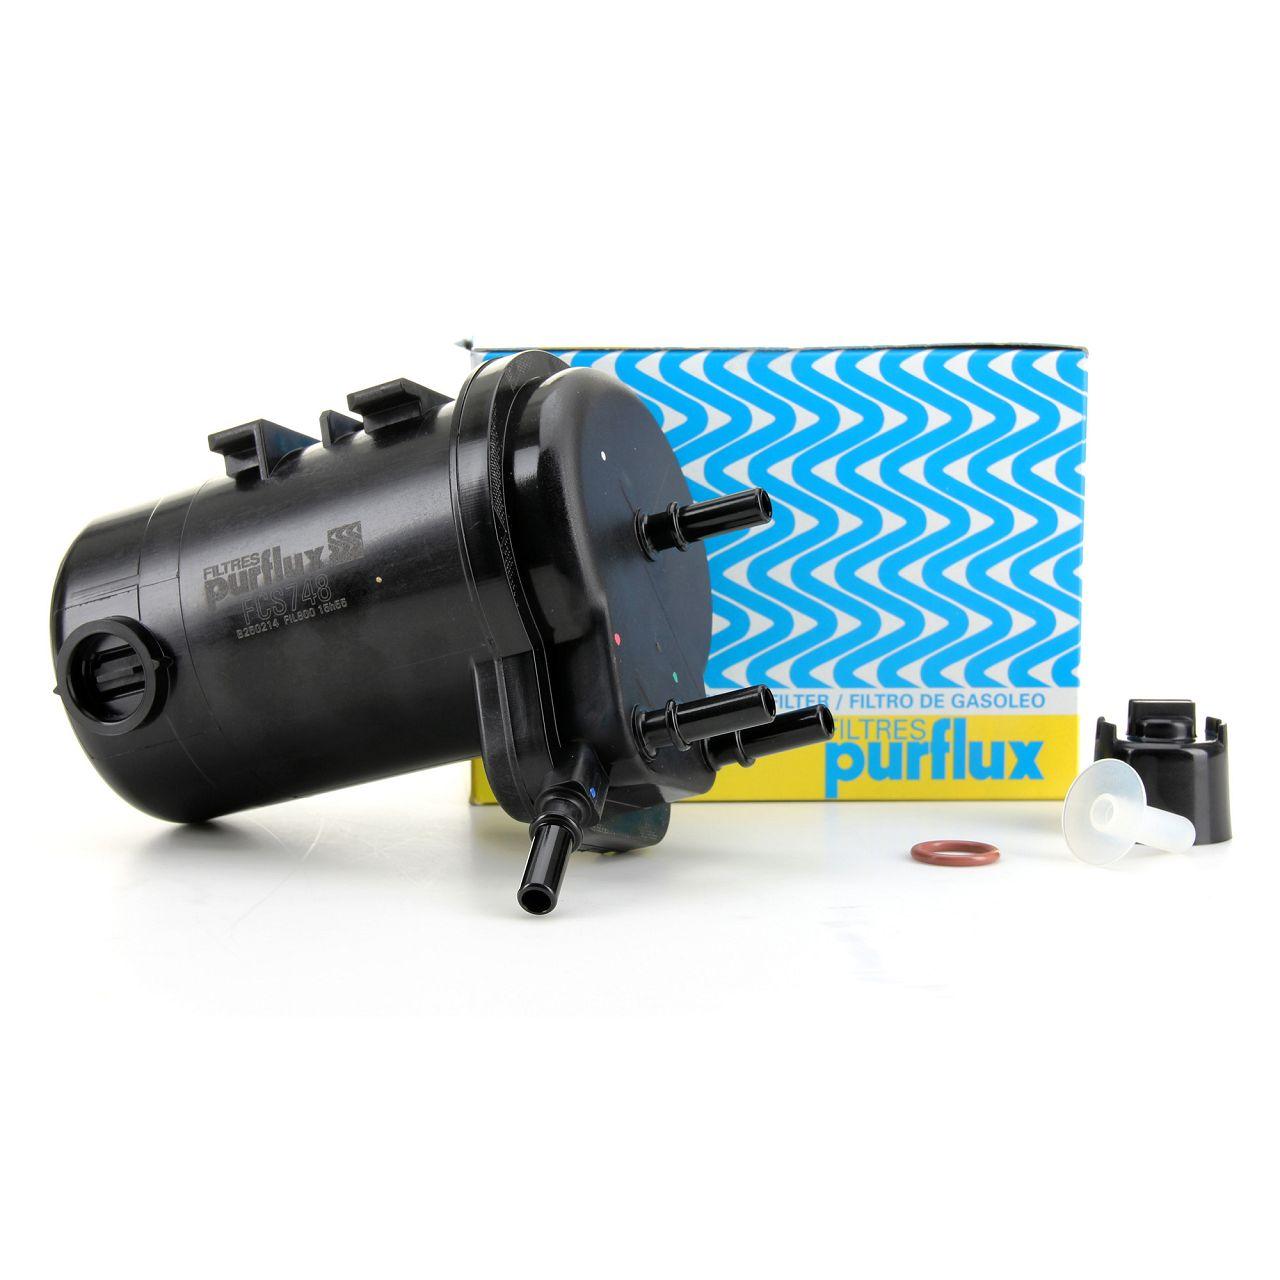 PURFLUX Dieselfilter für Renault Clio II Kangoo Nissan Almera 2 Micra 1.5dCi